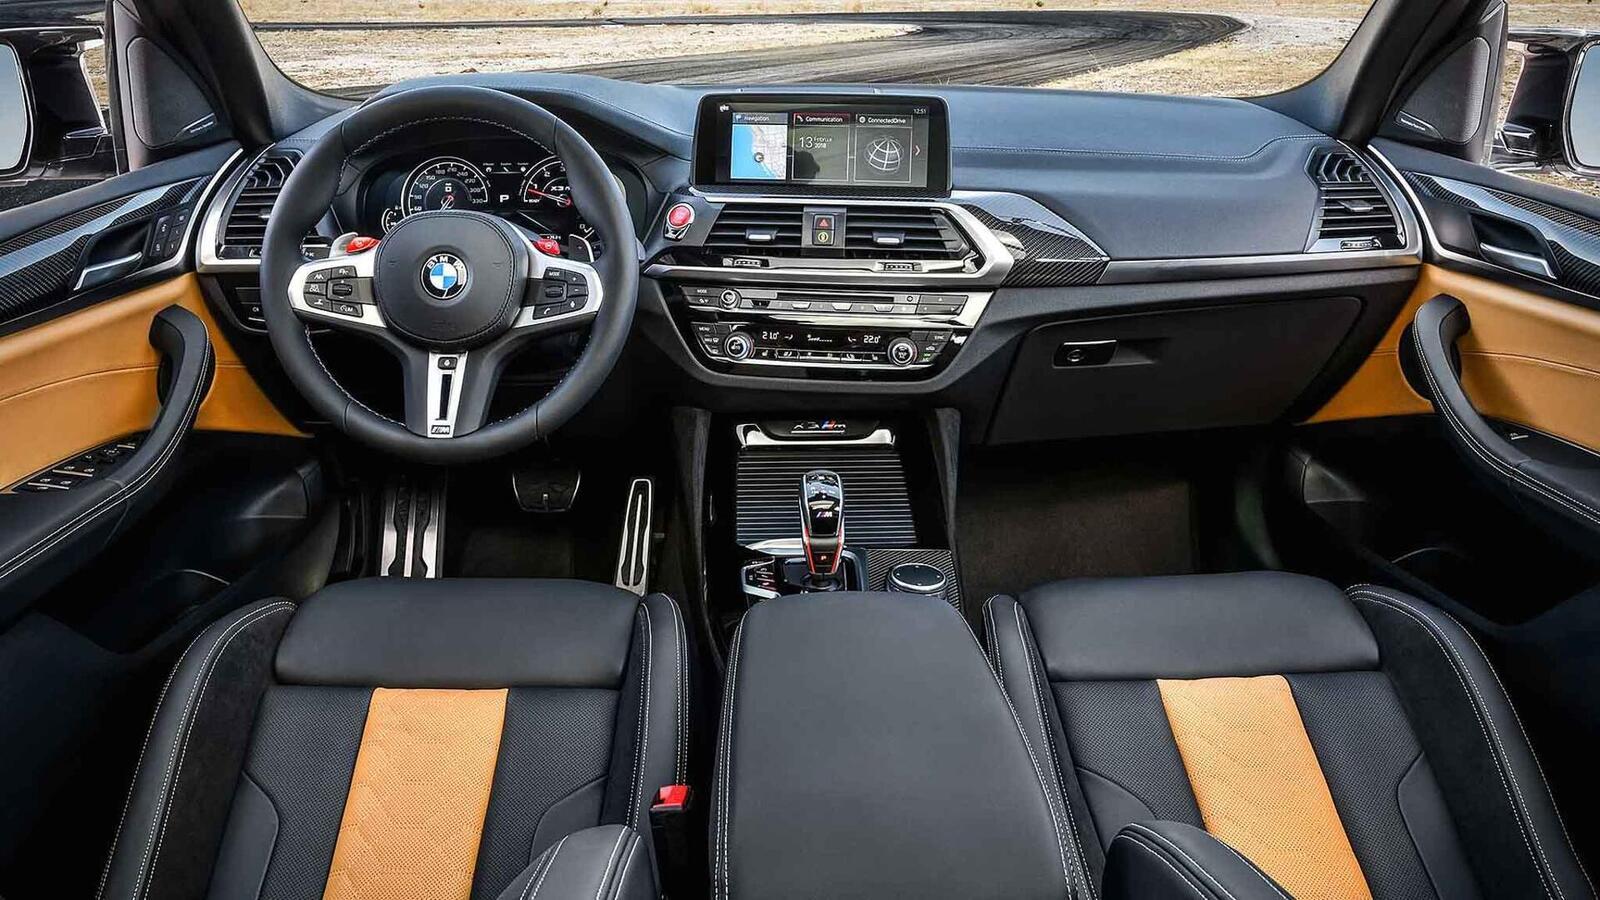 BMW X3 M và X4 M 2020 chính thức ra mắt: Mang trong mình sức mạnh từ 473 - 503 mã lực - Hình 10